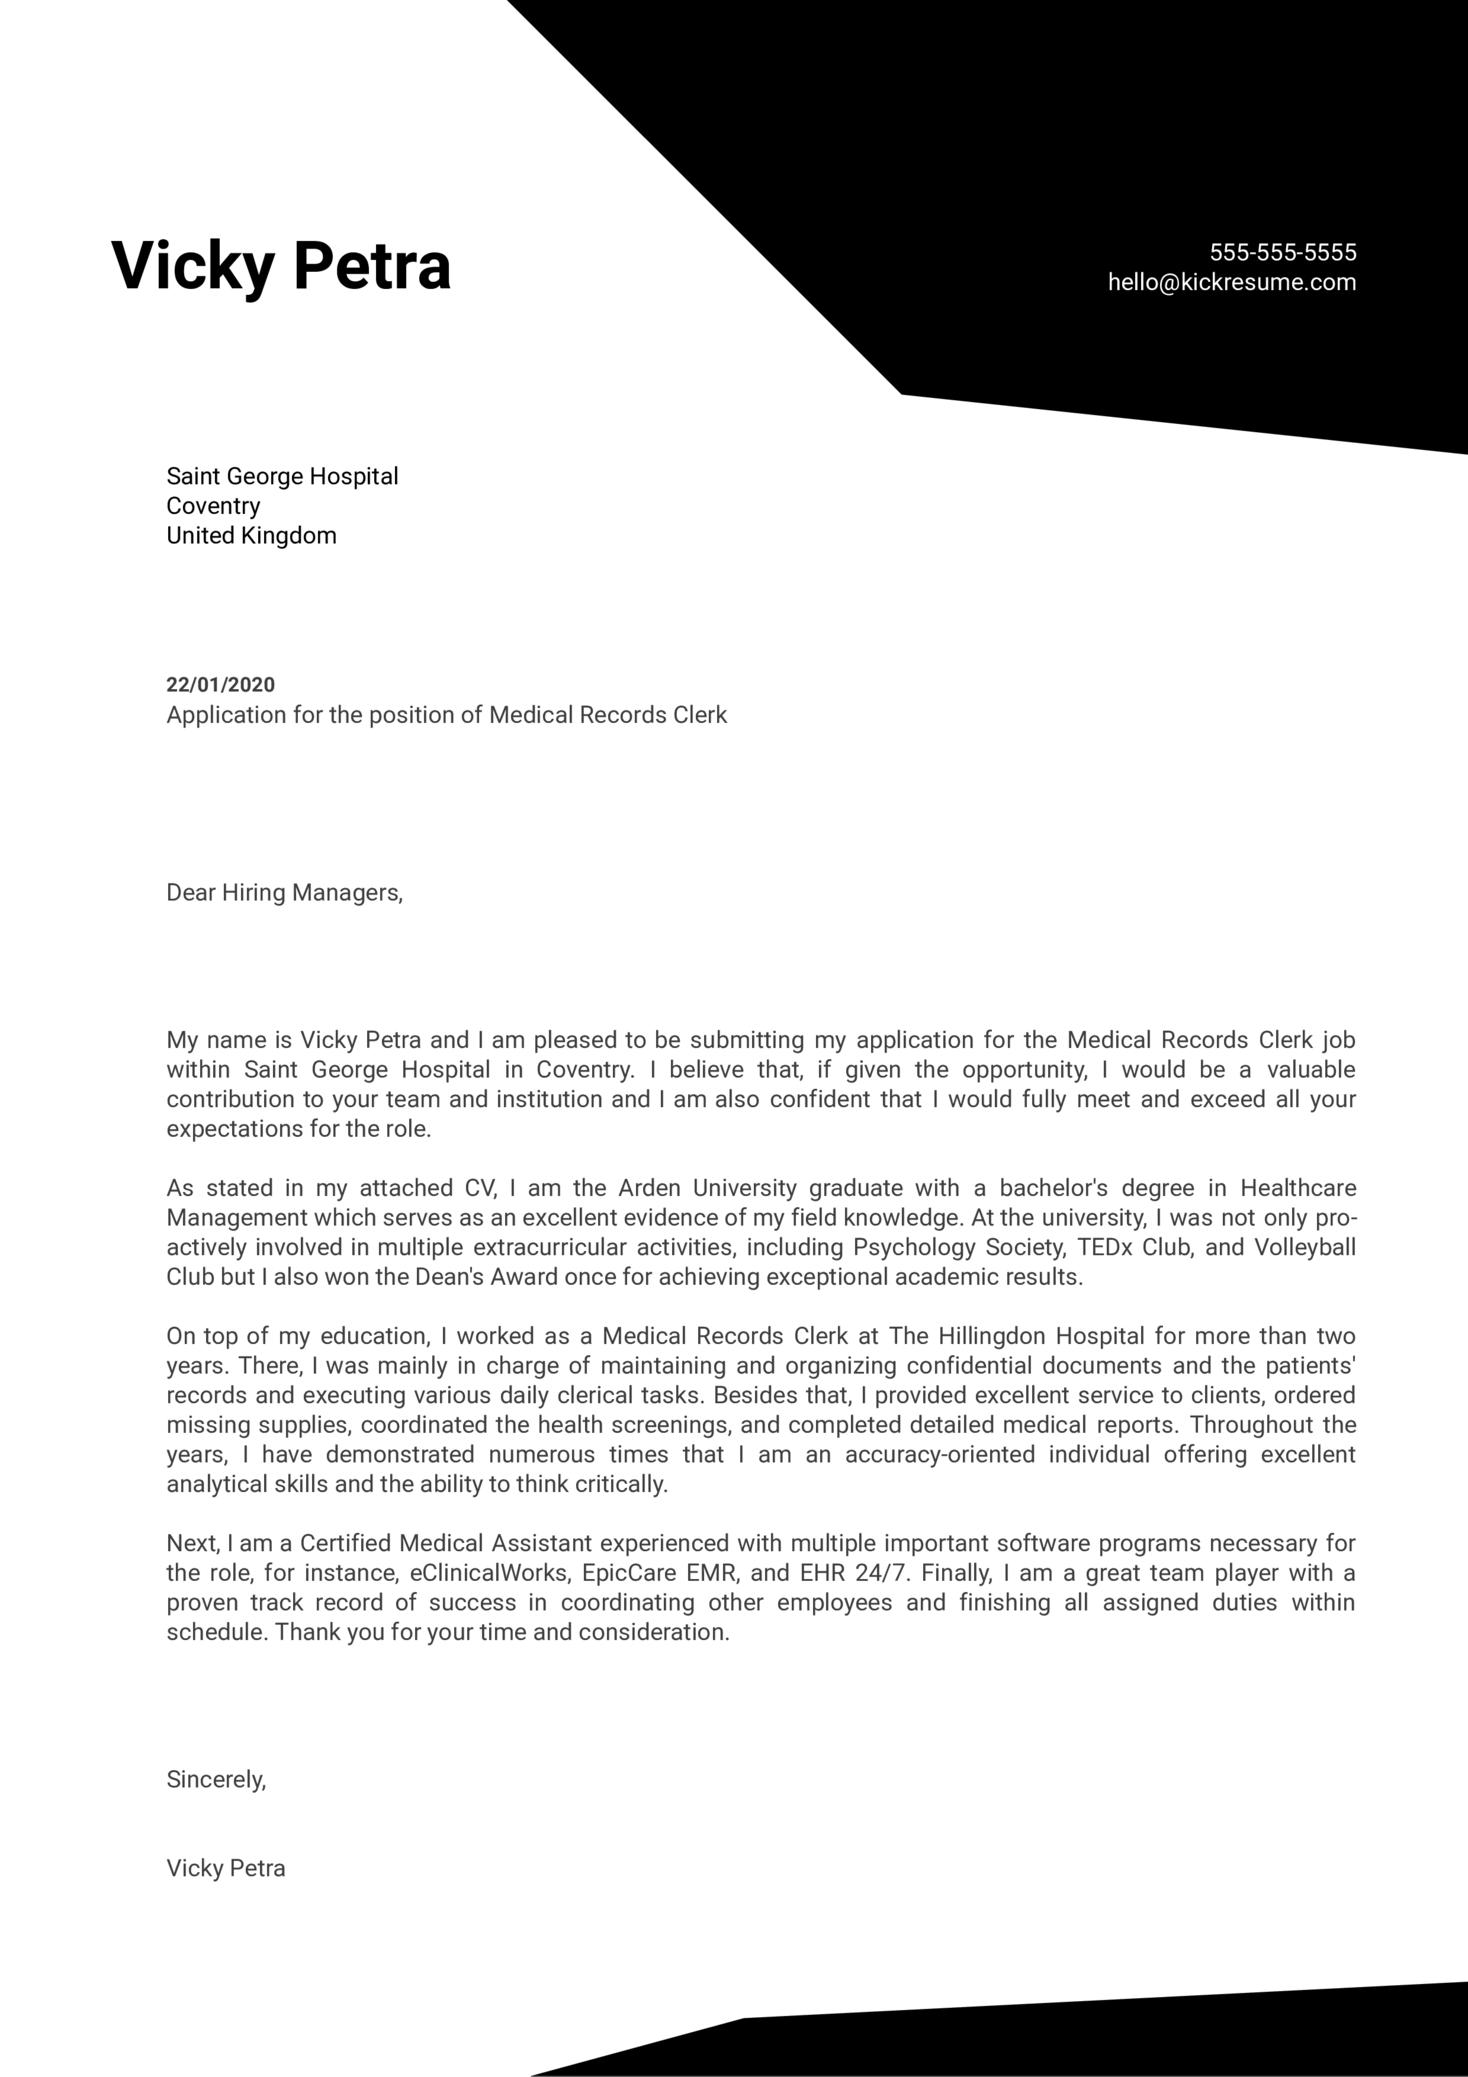 Medical Records Clerk Cover Letter Sample Kickresume